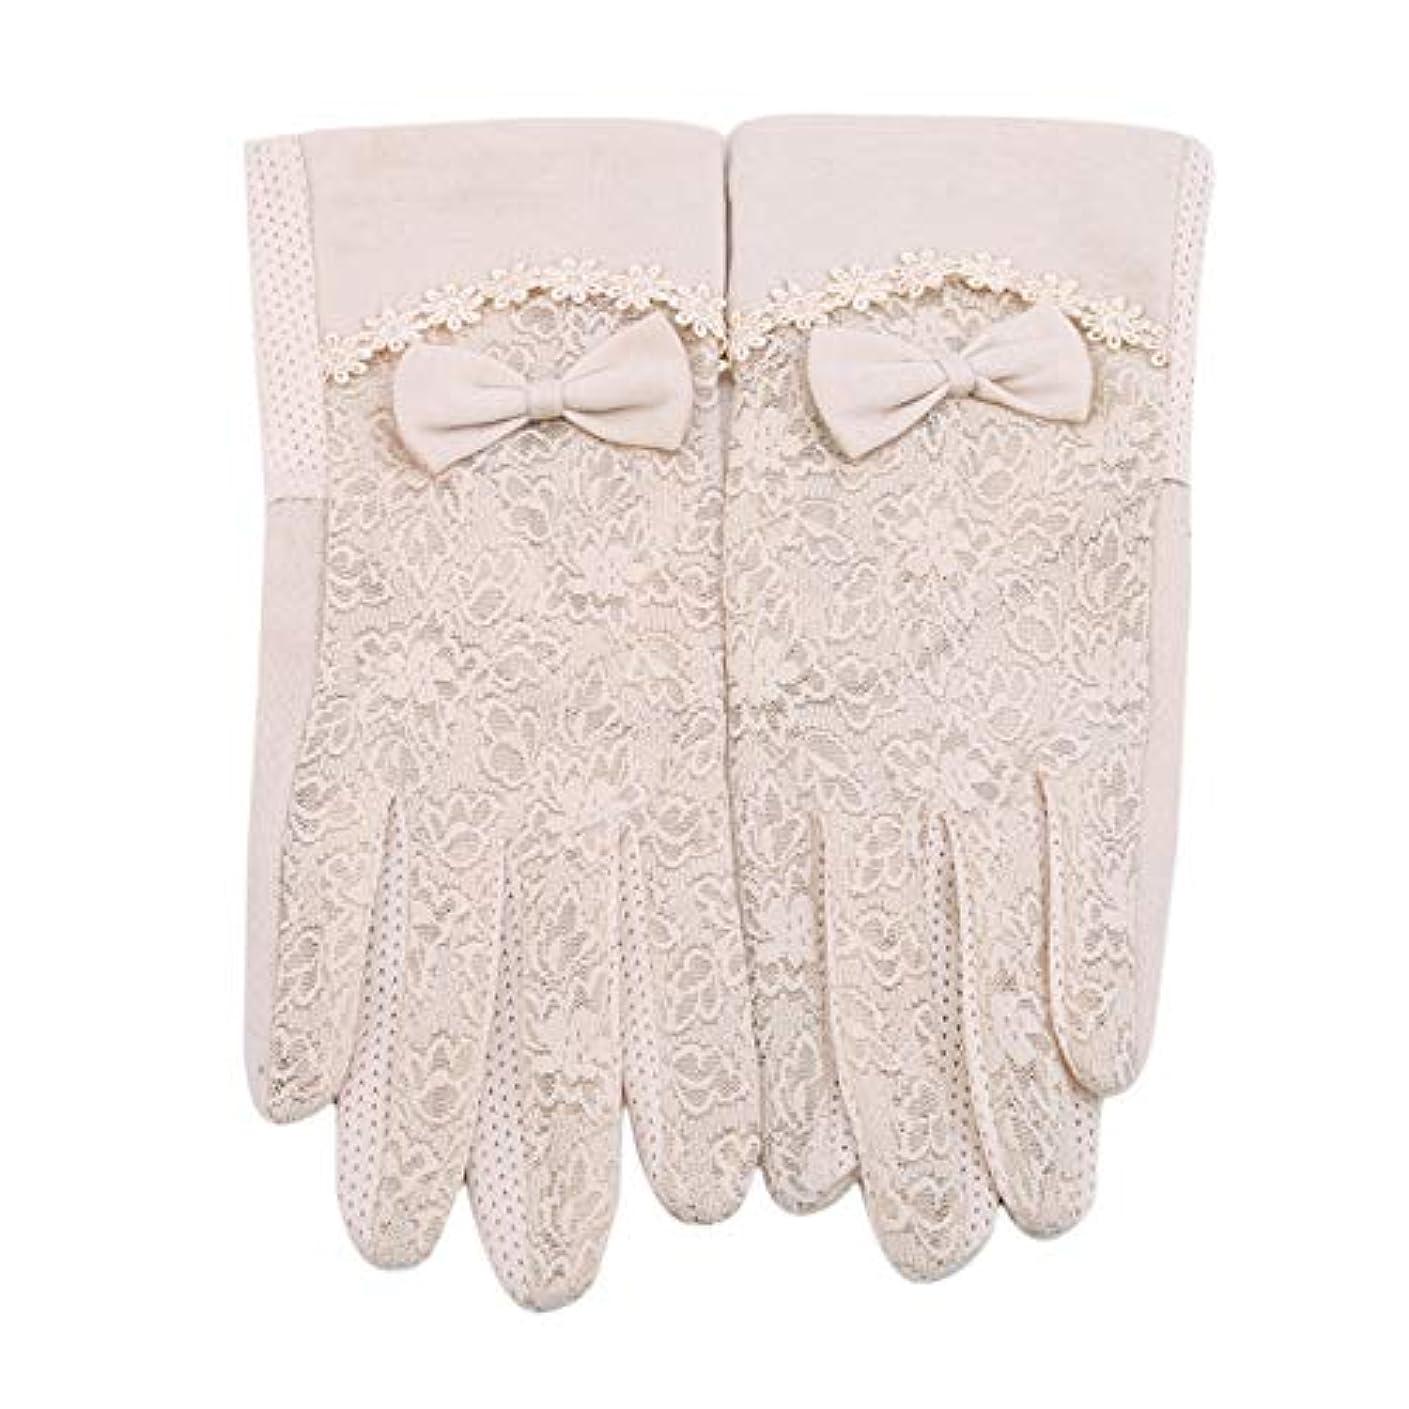 主人中級ドレスMODMHB 手袋 UVカット 手触りが良い 紫外線カット 日焼け防止 ハンド ケア 手荒い対策 保湿 保護 抗菌 防臭